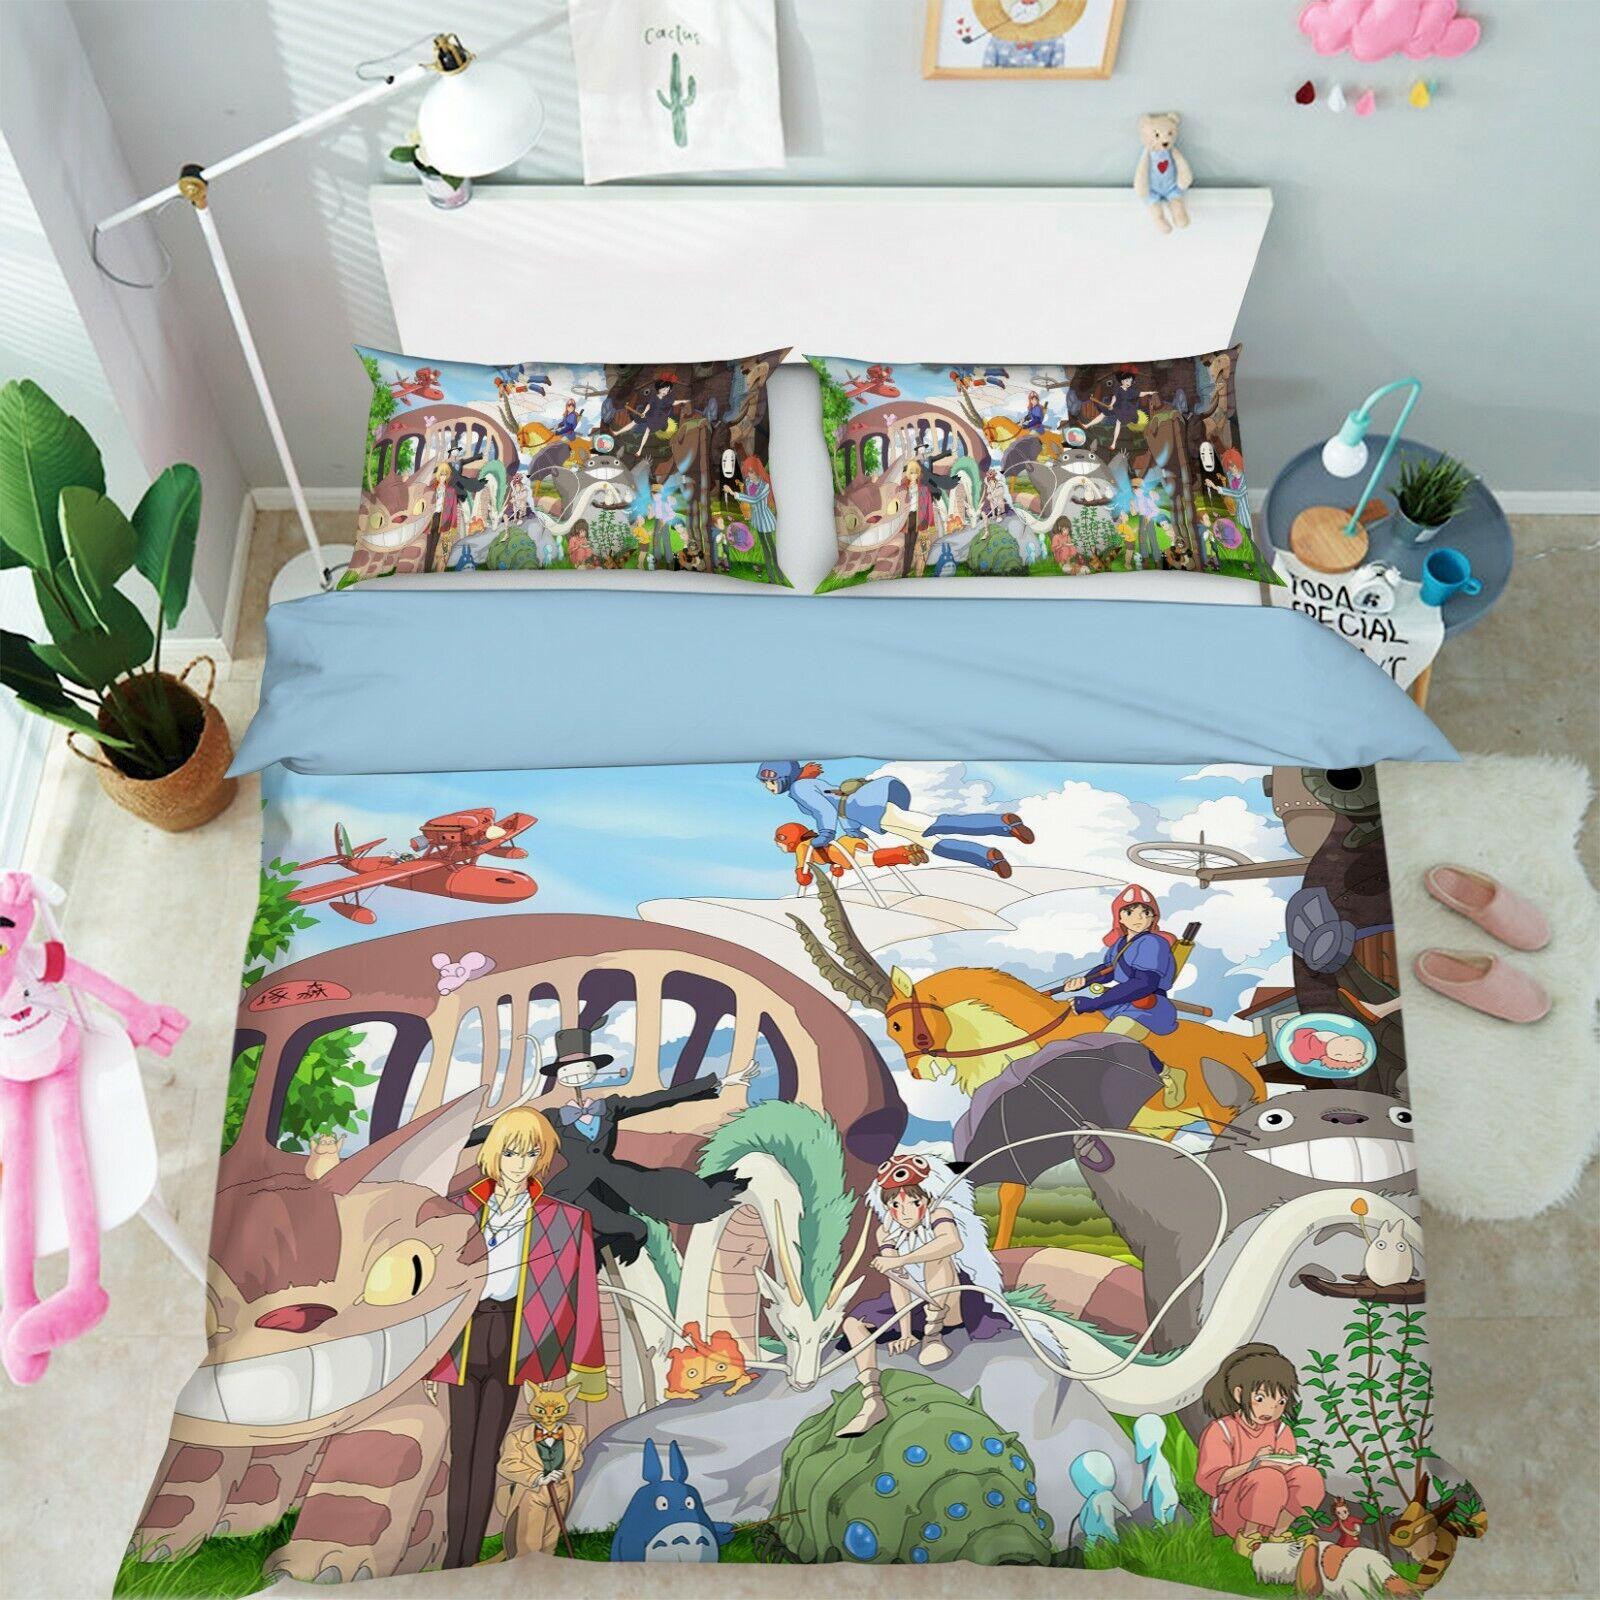 3D Spirited Away 2 Japan Anime Bed Pillowcases Quilt Duvet Cover Single Set